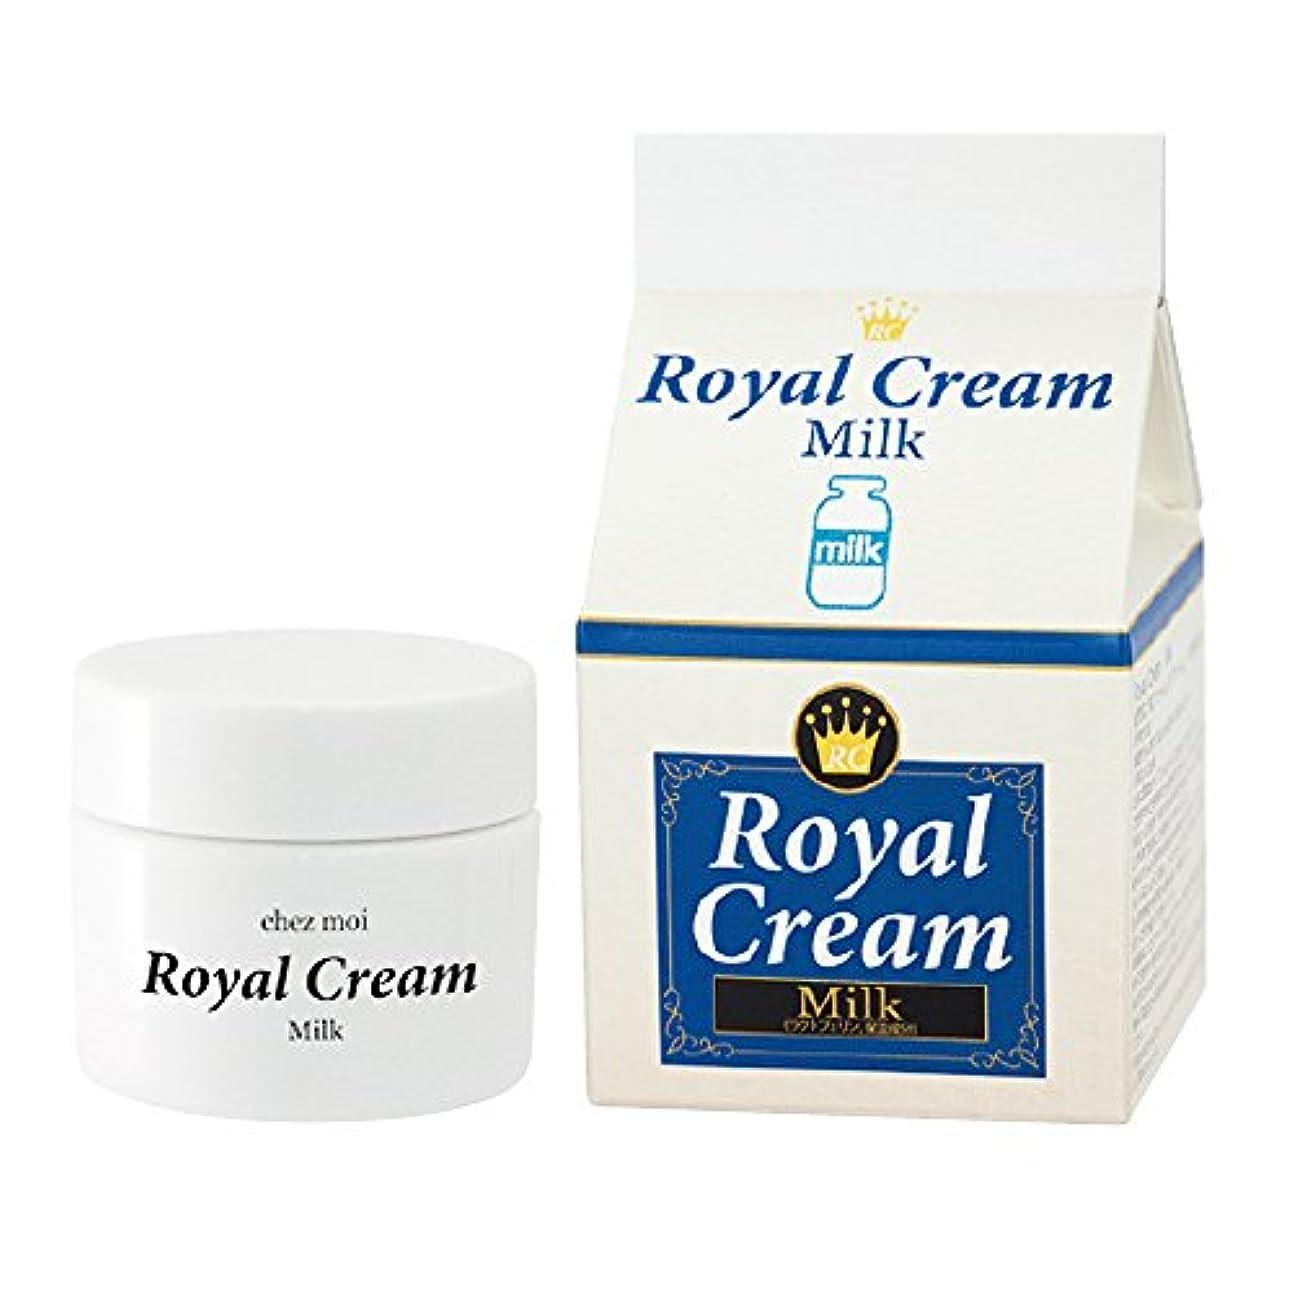 代数メンタリティ起こりやすいRoyal Cream(ロイヤルクリーム) Milk(ミルク) 30g